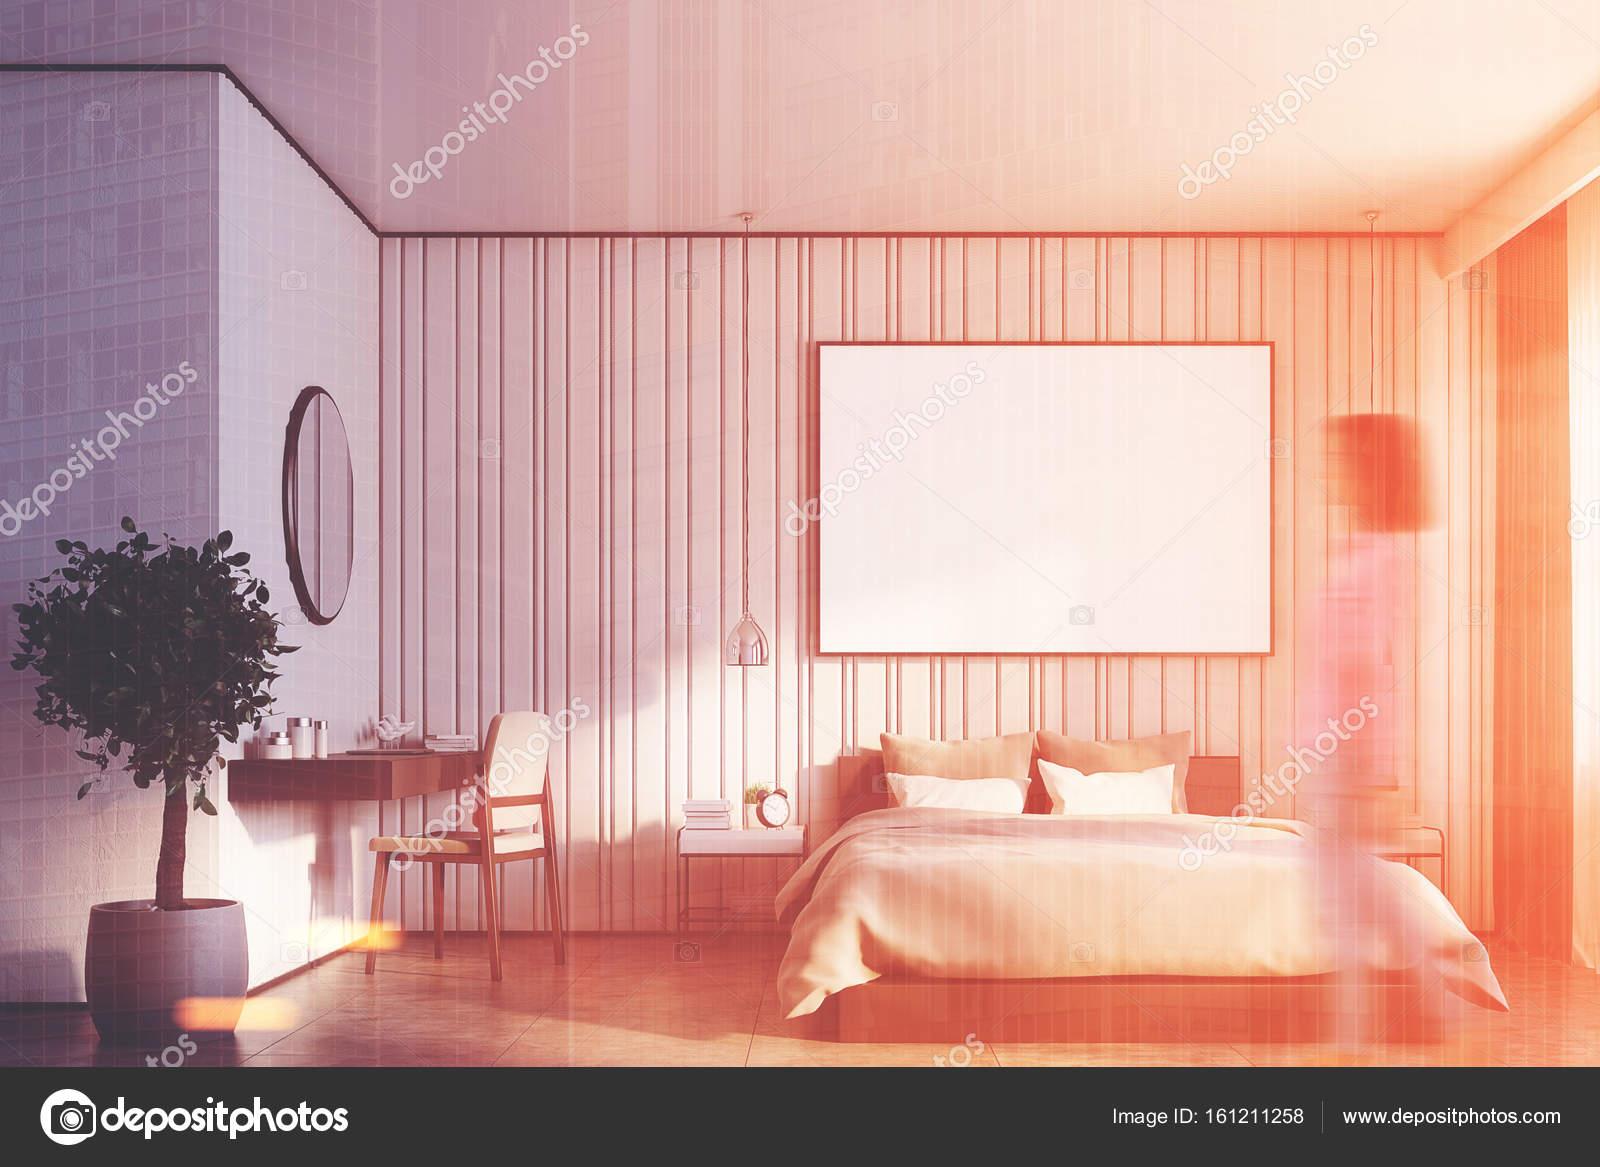 Grote Posters Slaapkamer : Beige slaapkamer met een grote poster meisje u stockfoto